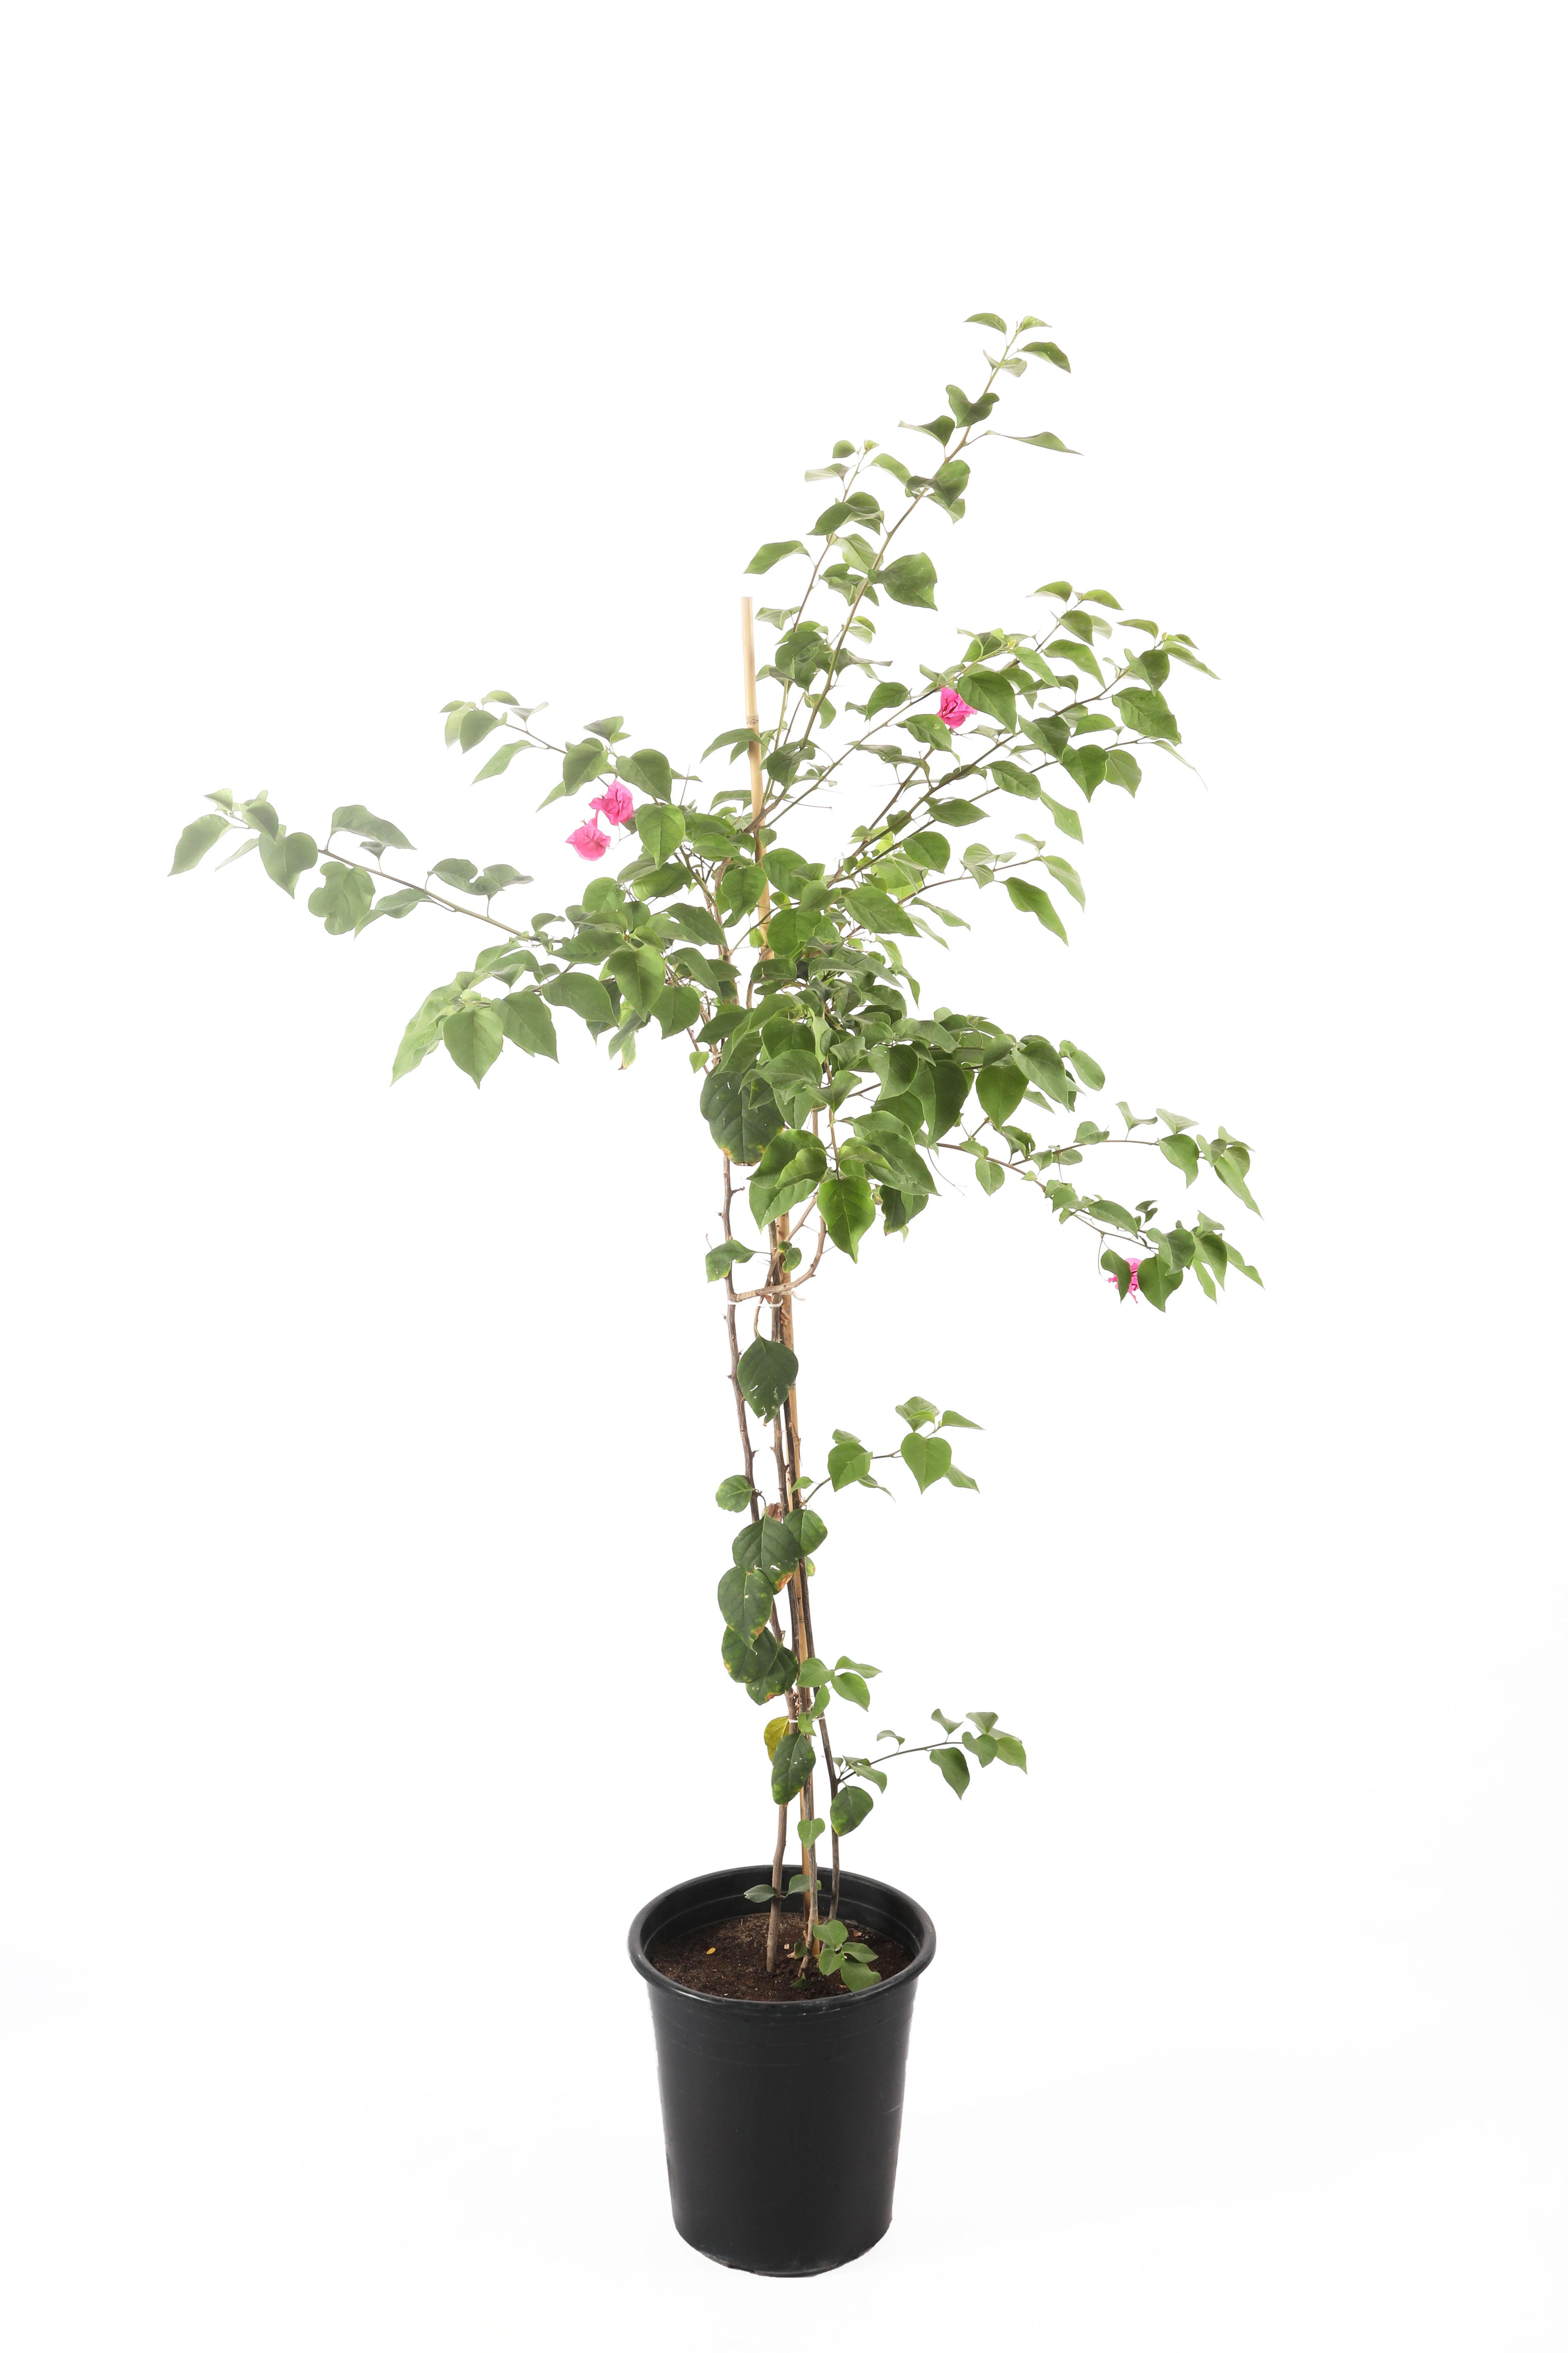 نبتة بولنفيلية او الجهنمية نباتات خارجية